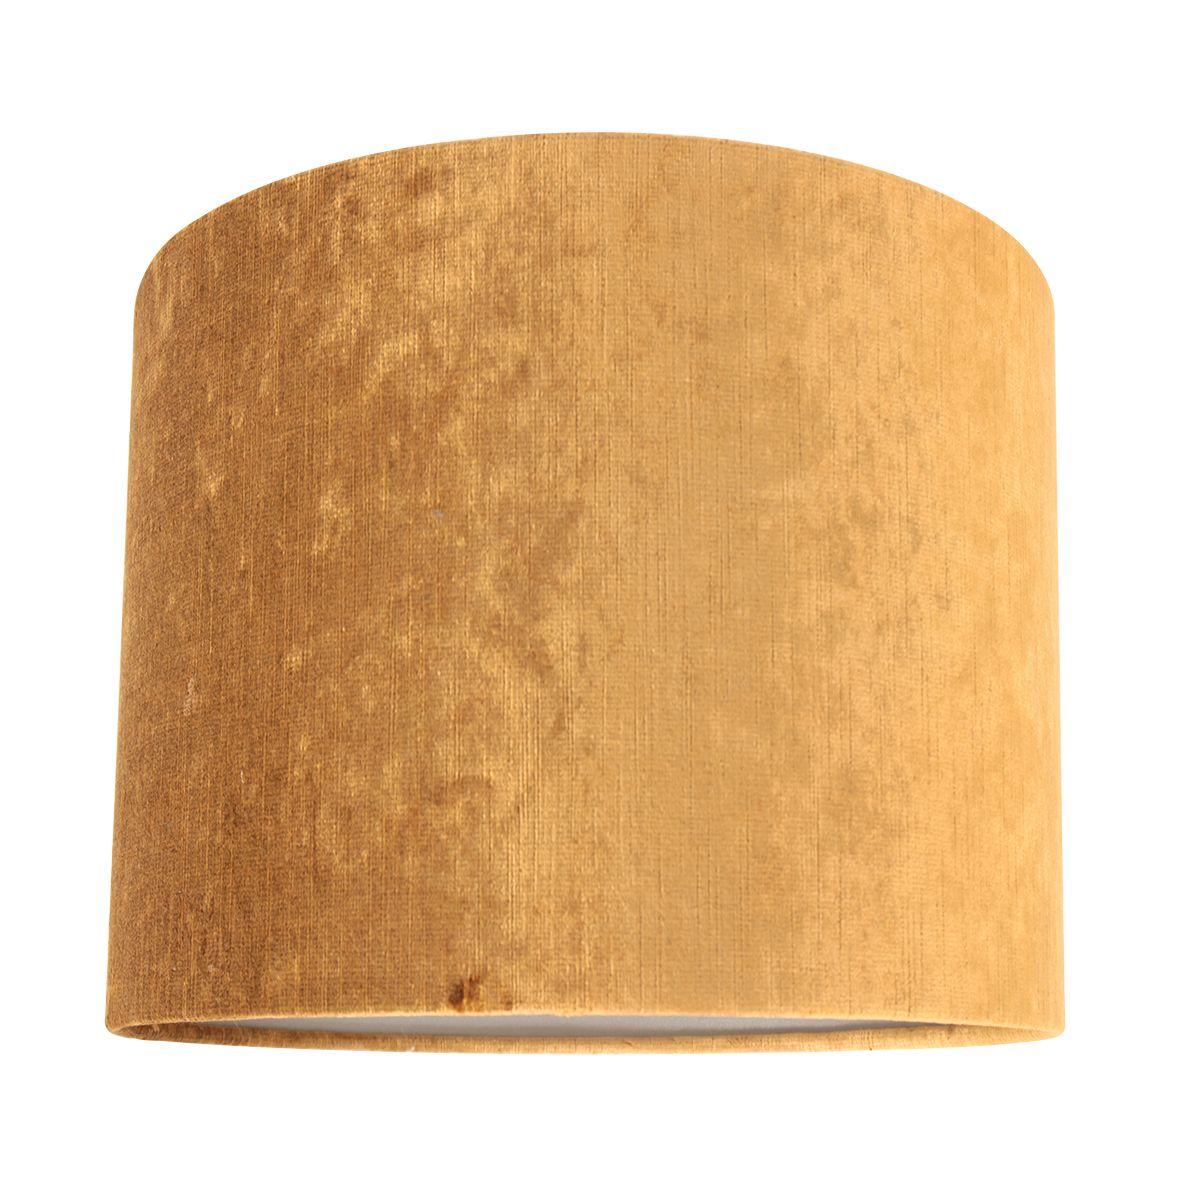 Steinhauer - Kap - lampenkap Ø 20 cm - velours goud